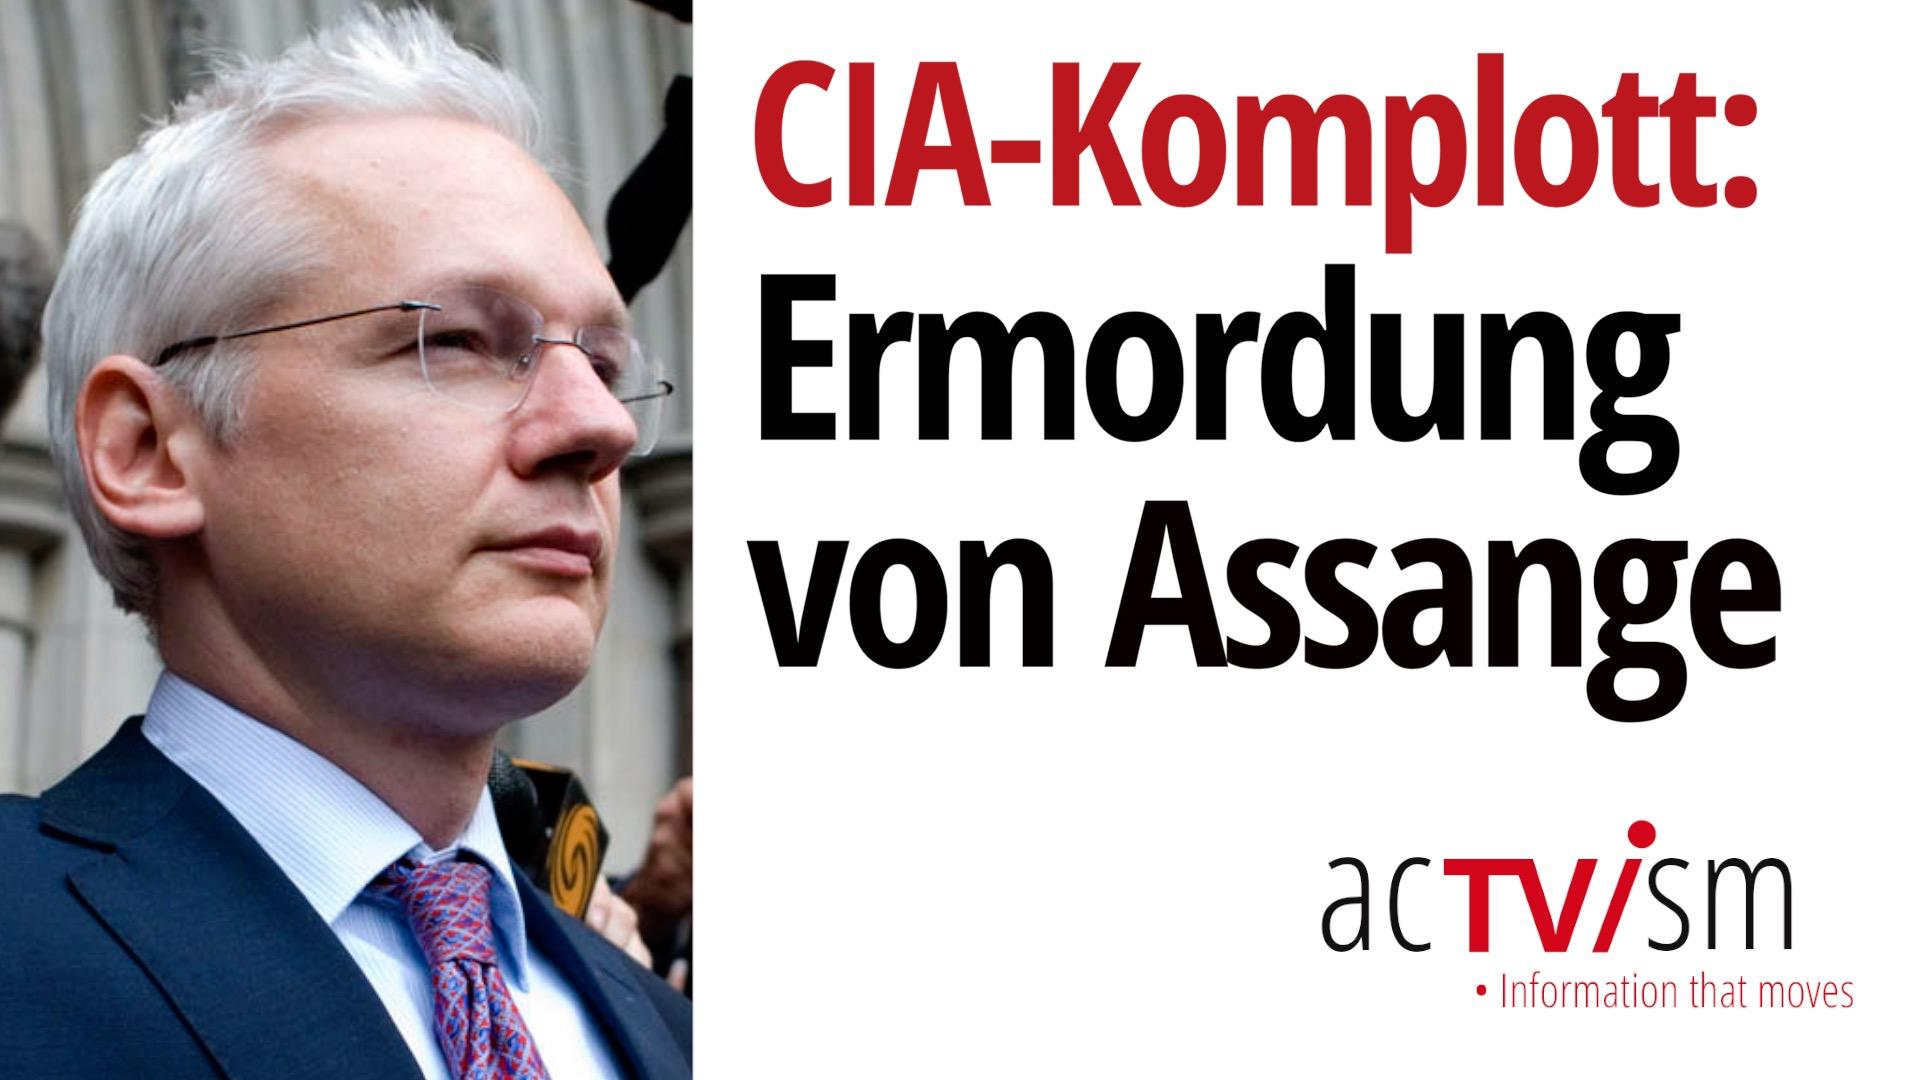 Das CIA-Komplott zur Ermordung von Assange | Ehemaliger CIA-Offizier ergreift das Wort